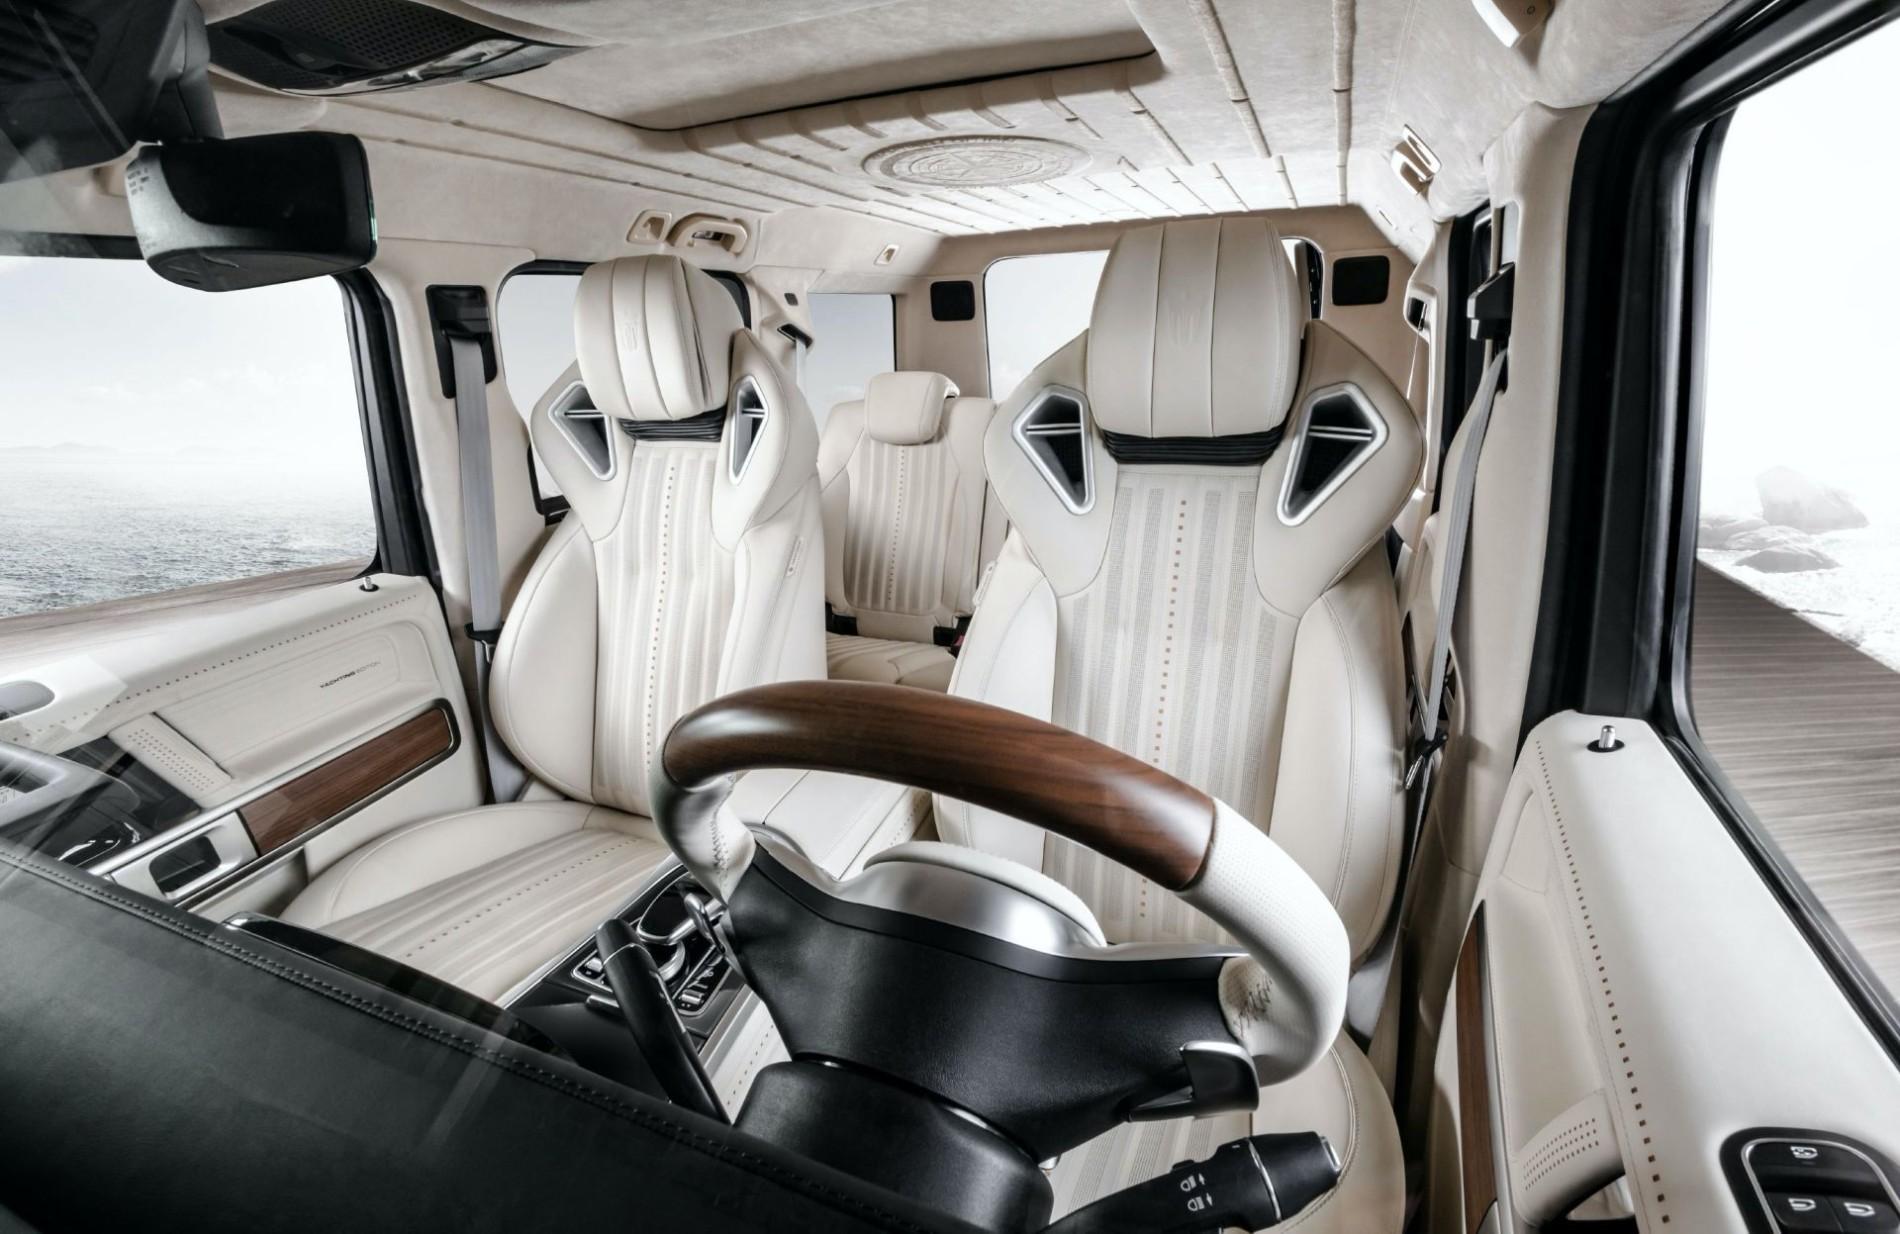 Carlex G63 Yachting Limited Edition - Carlex G63 Yachting Limited Edition